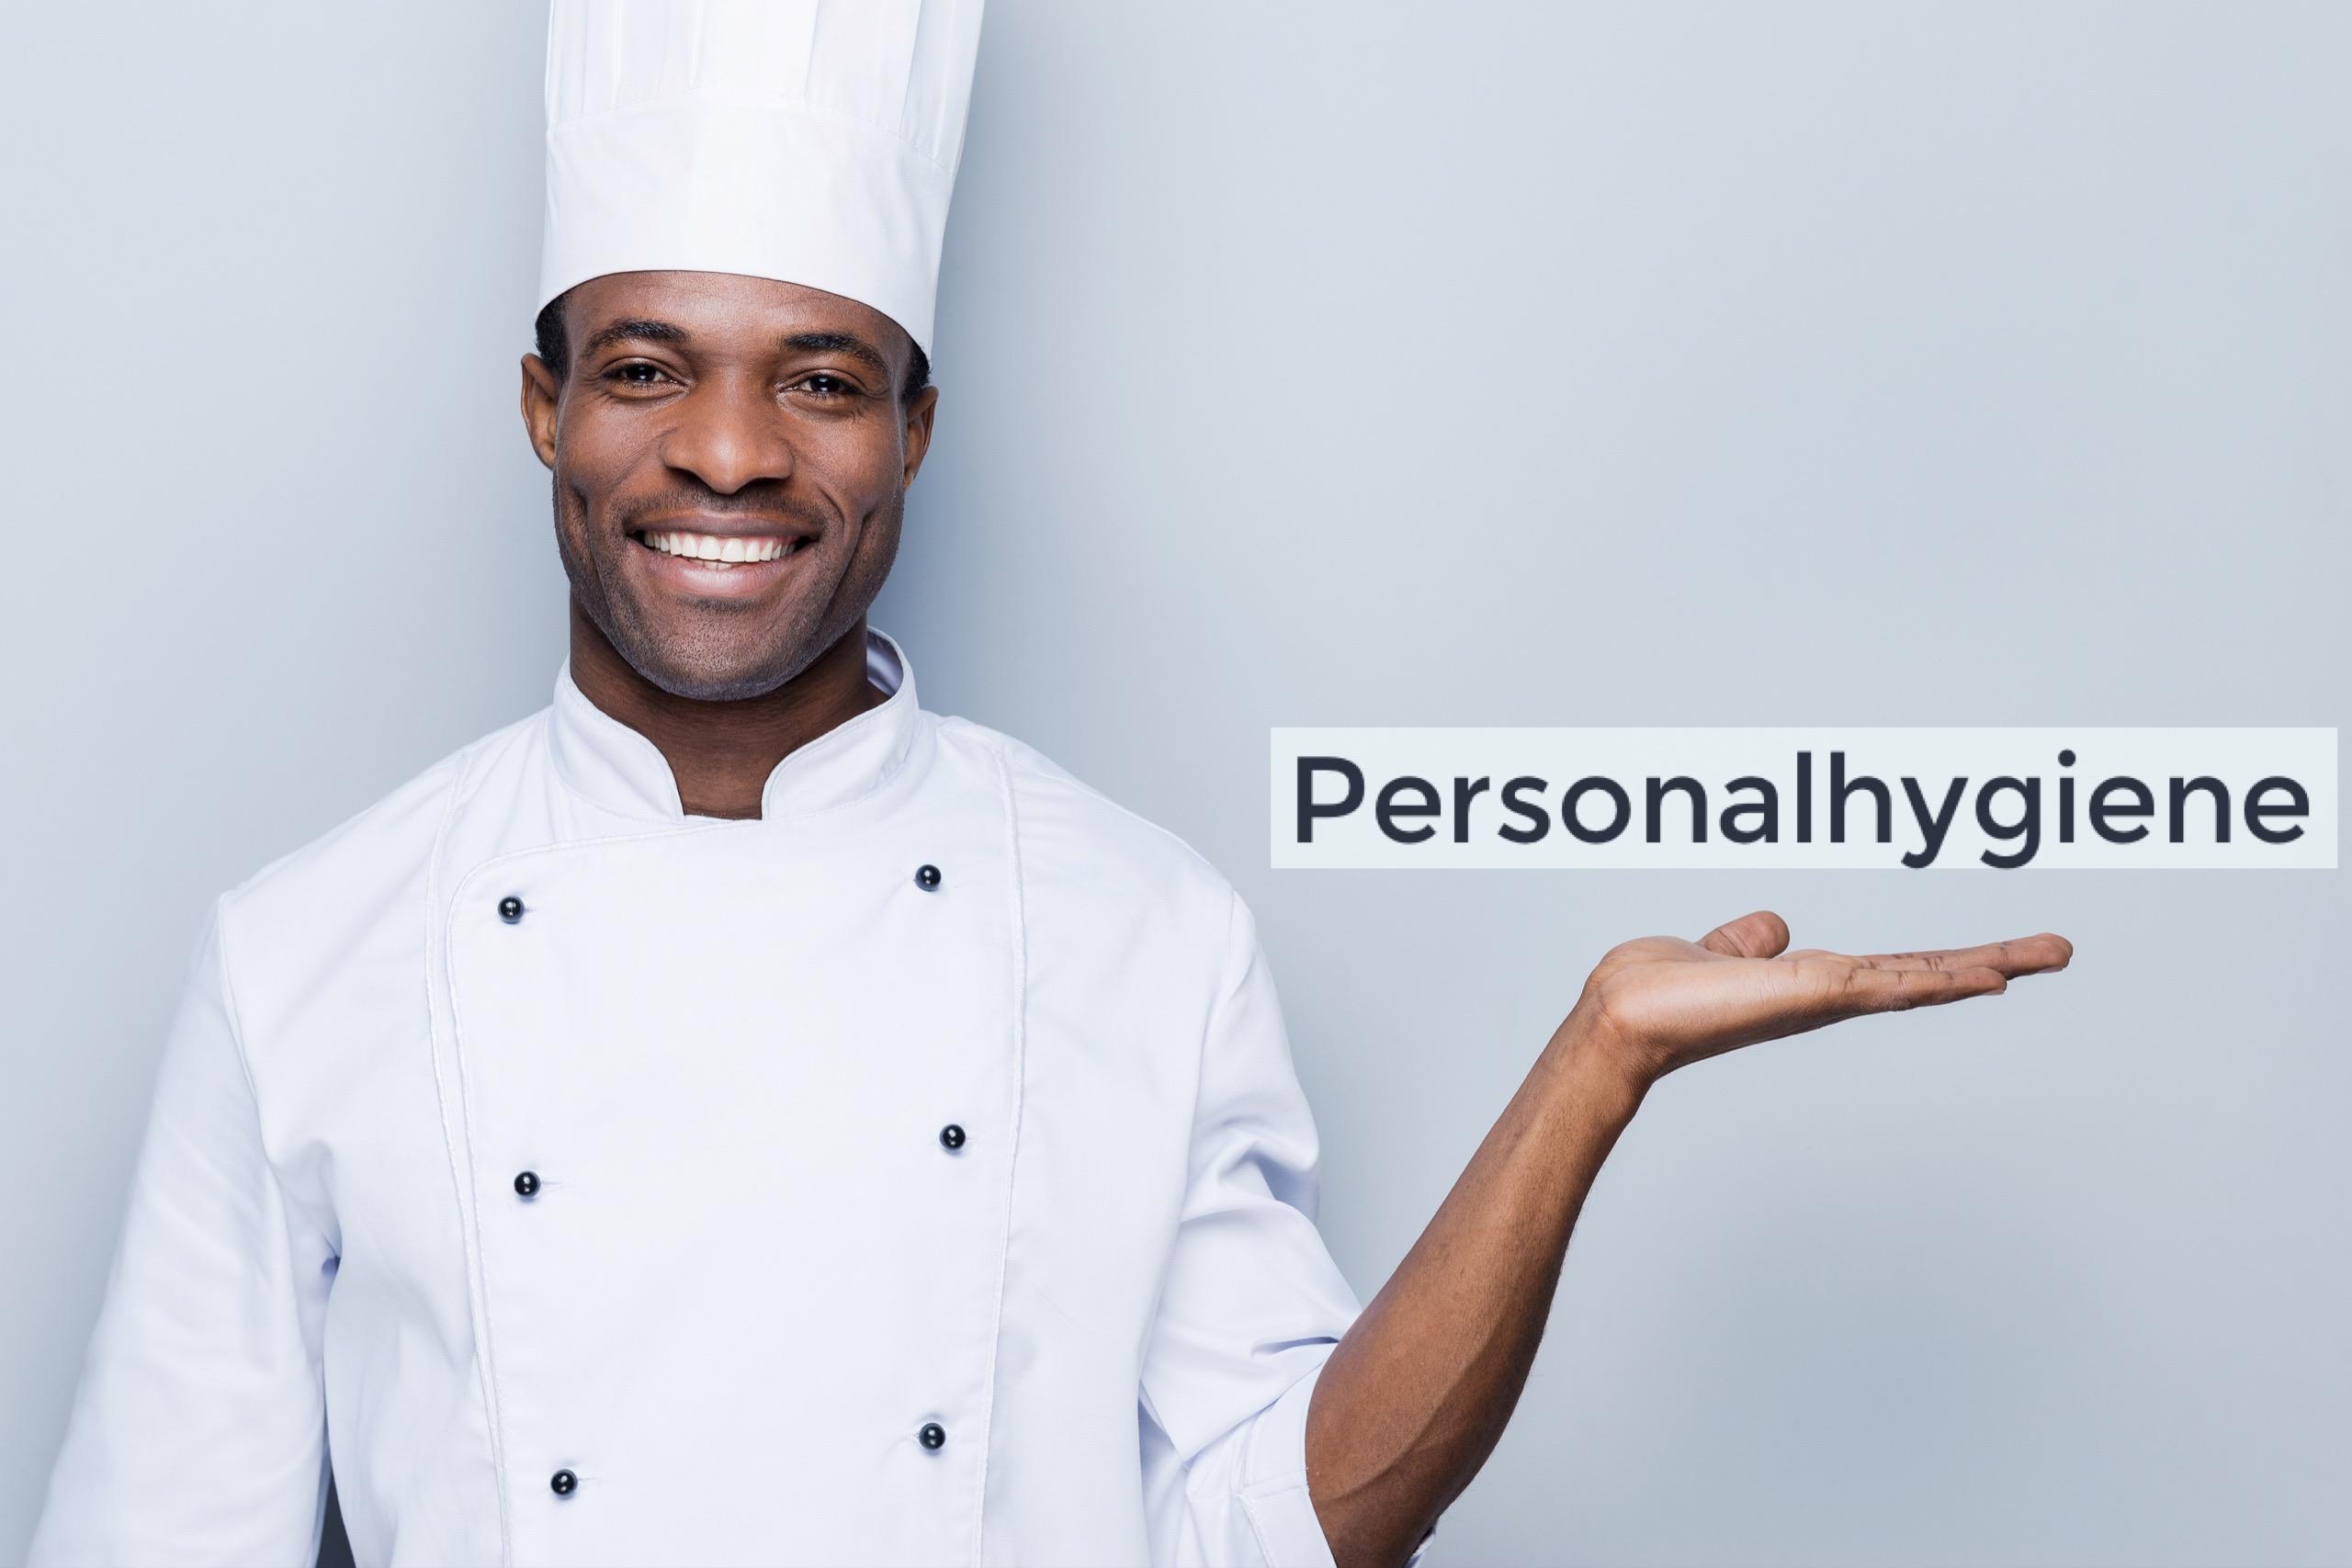 Personalhygiene